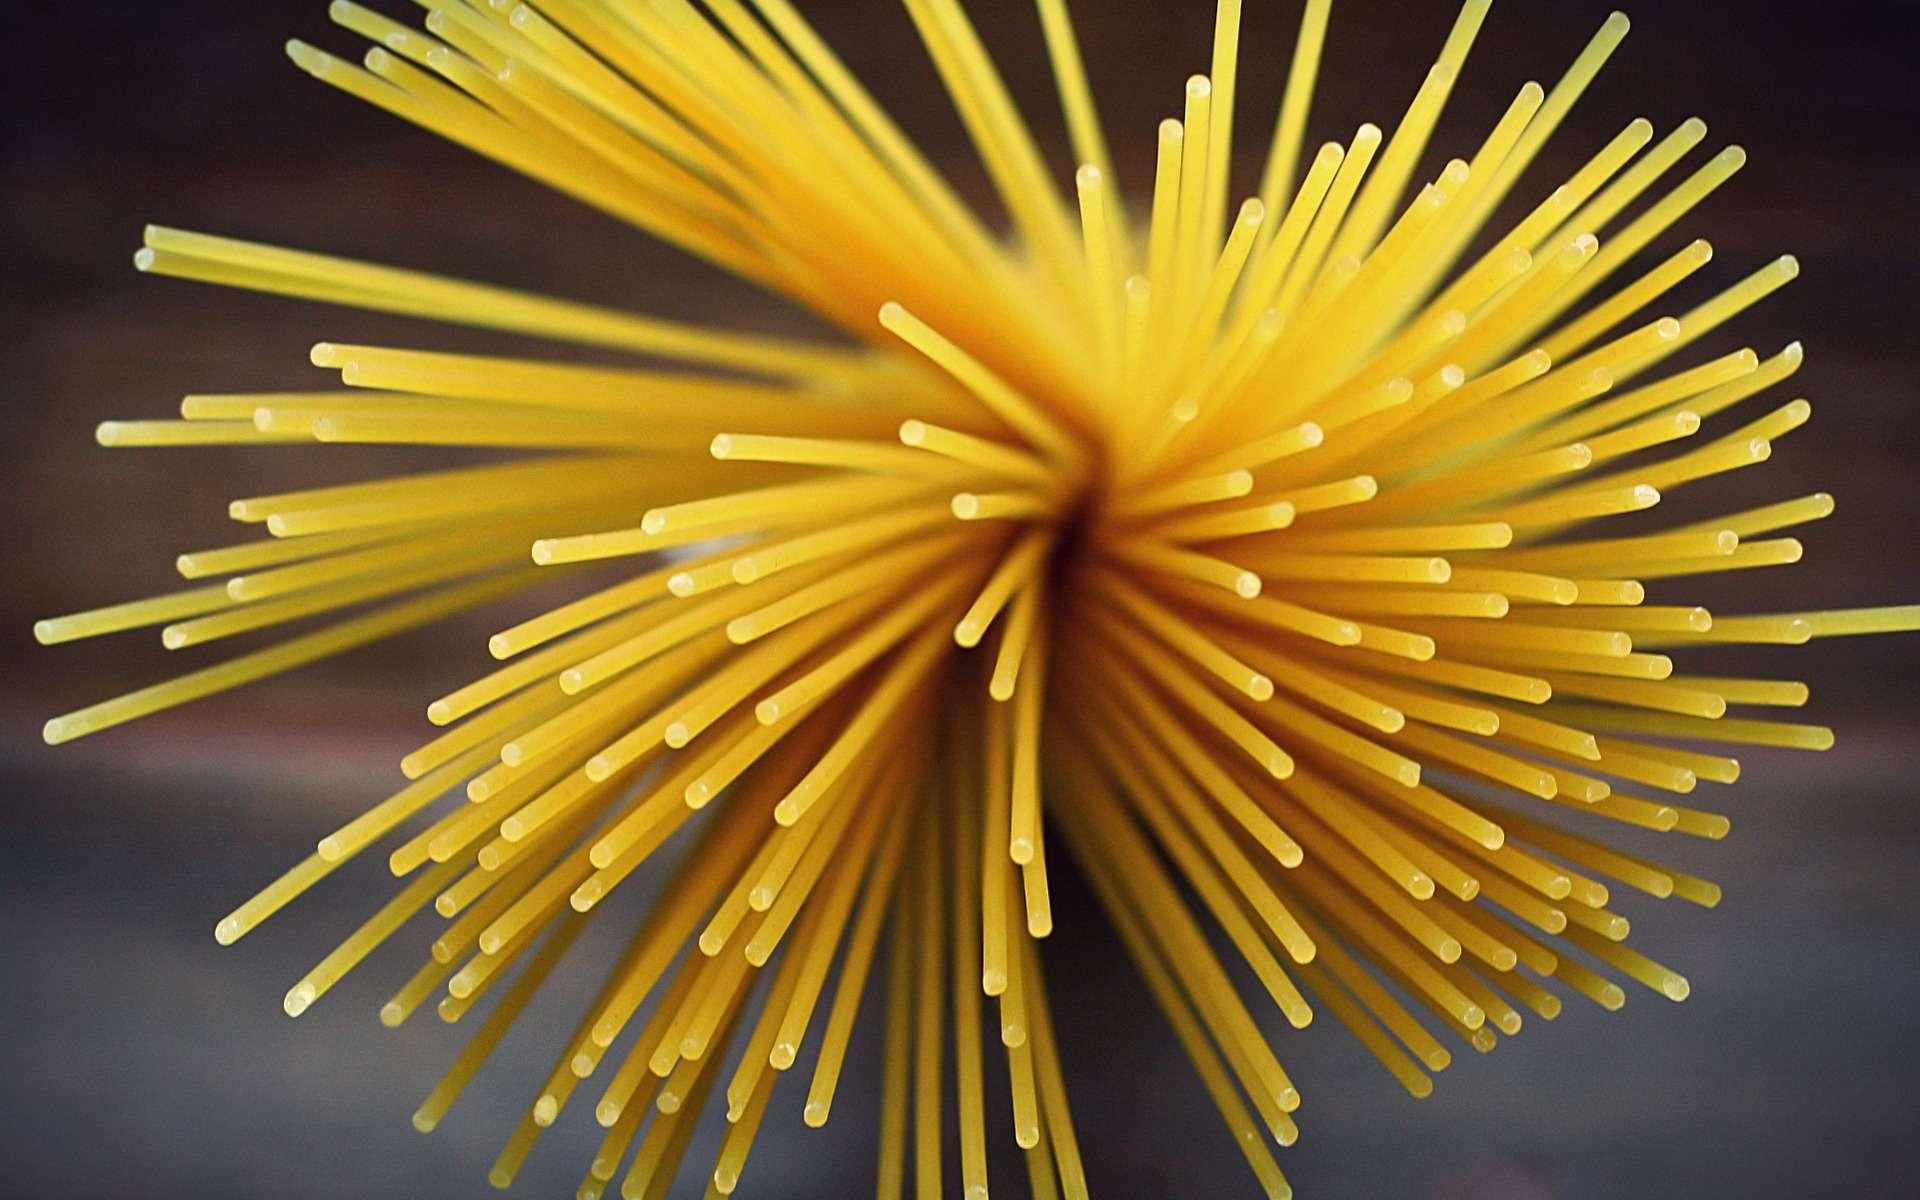 Il a fallu des heures de travail pour trouver la technique infaillible pour casser un spaghetti en seulement deux morceaux. © Pixabay